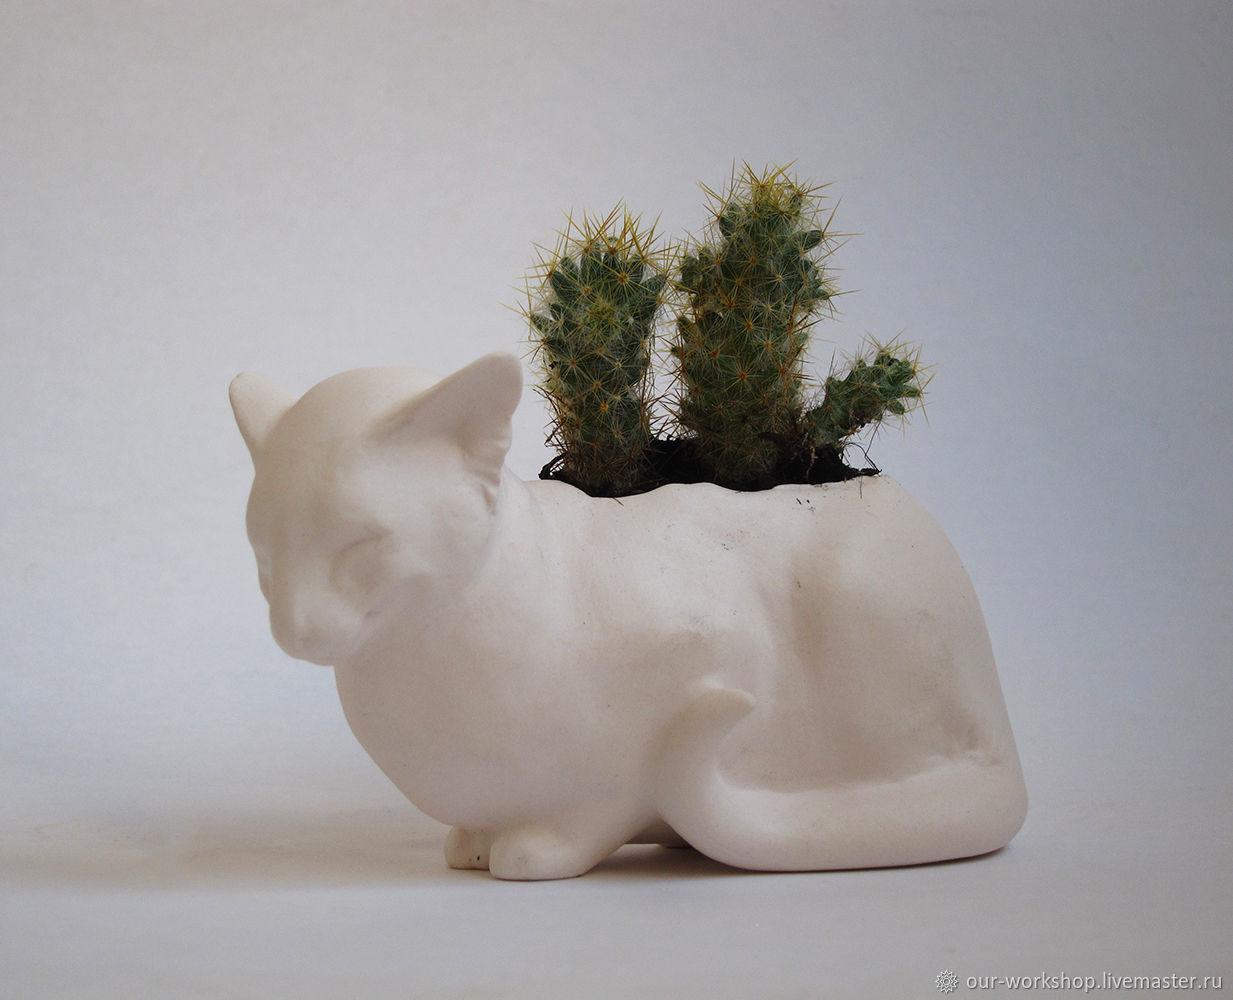 Мини горшочек топиарий для растений Белая кошка, Горшки, Москва,  Фото №1